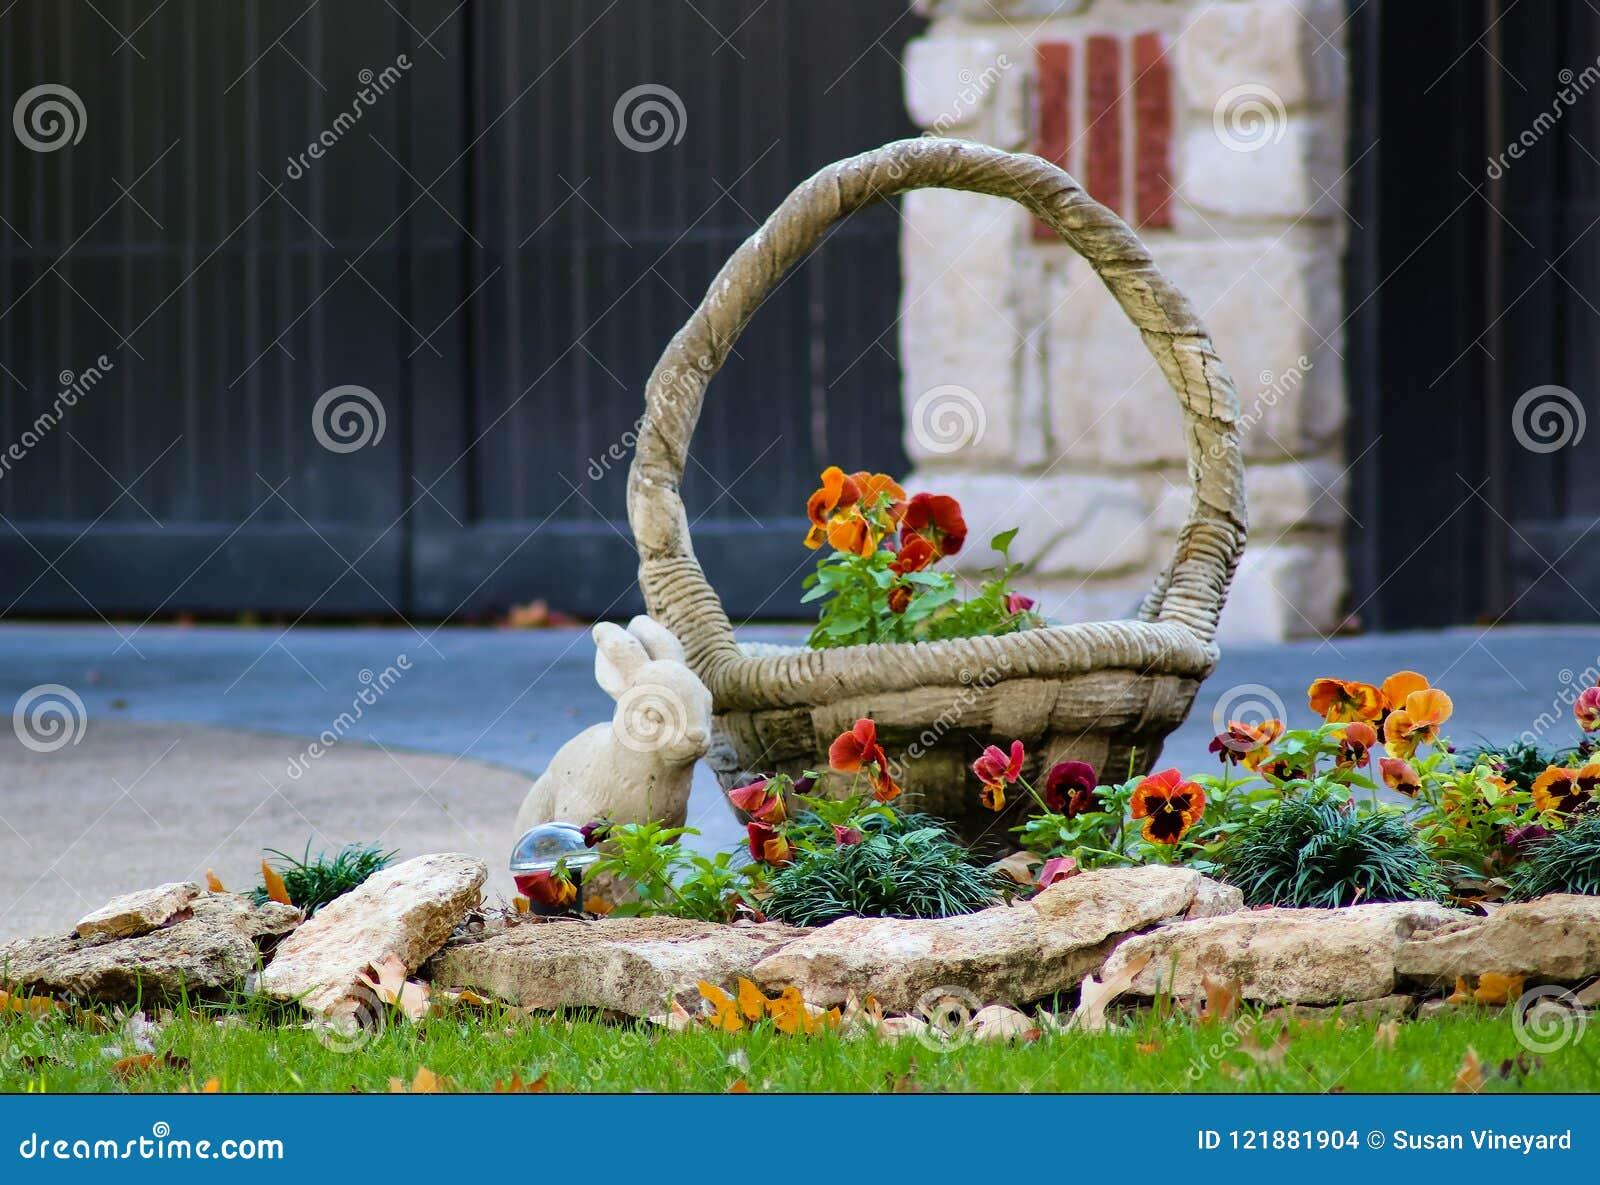 Конец-вверх pansies растя за ландшафтом трясет около статуи перед домом - селективного фокуса зайчика и корзины